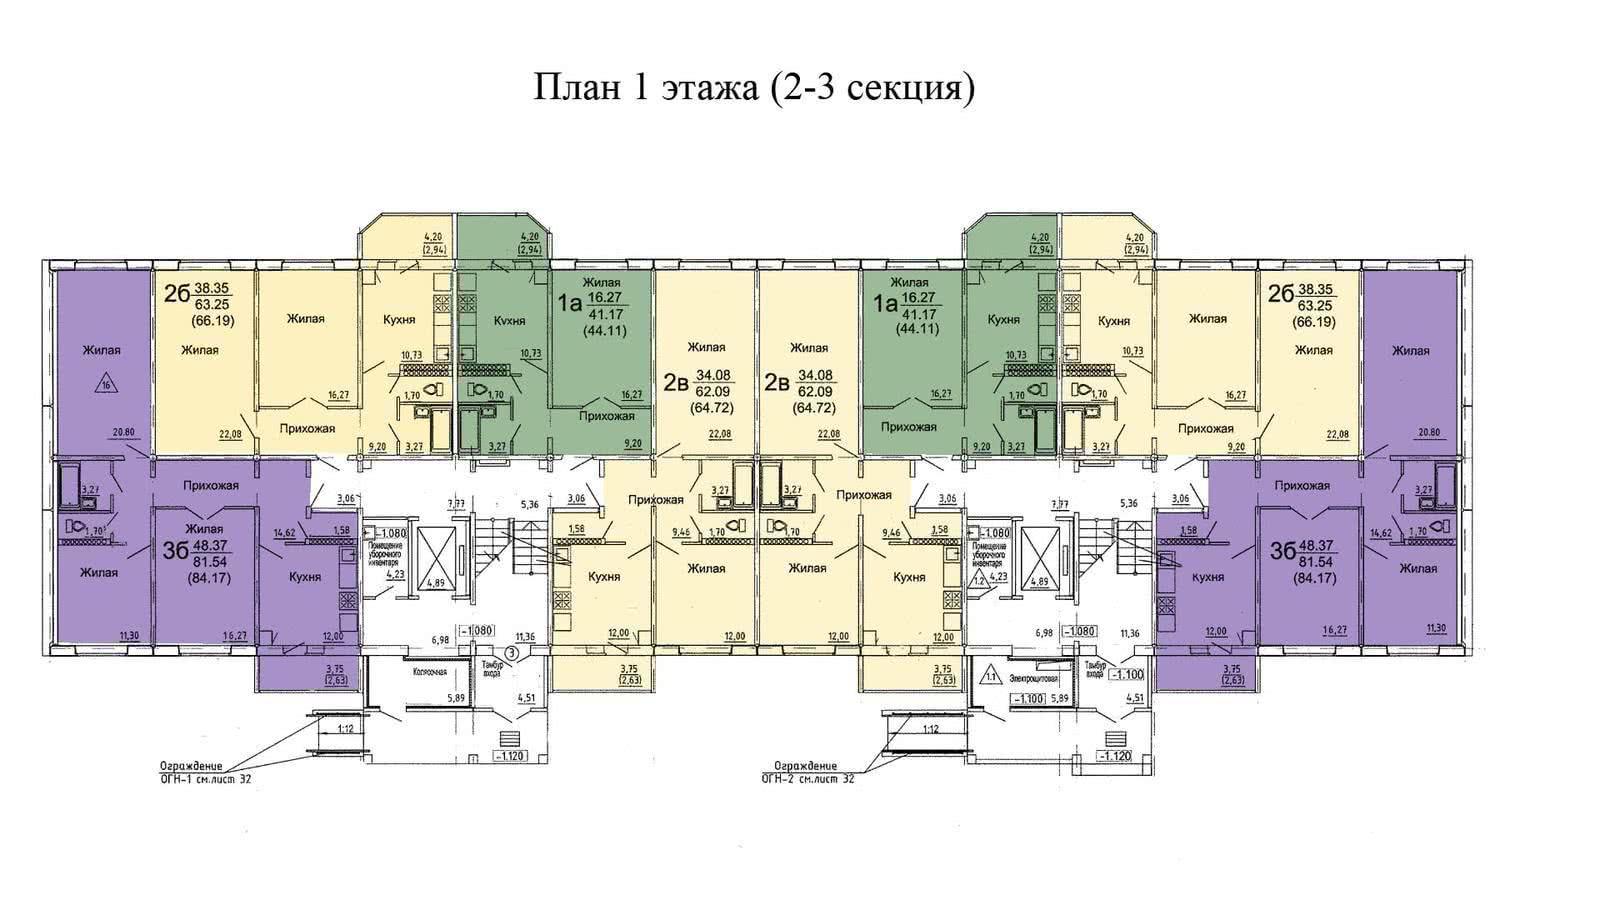 Жилой дом №70 (по генплану) - фото 5